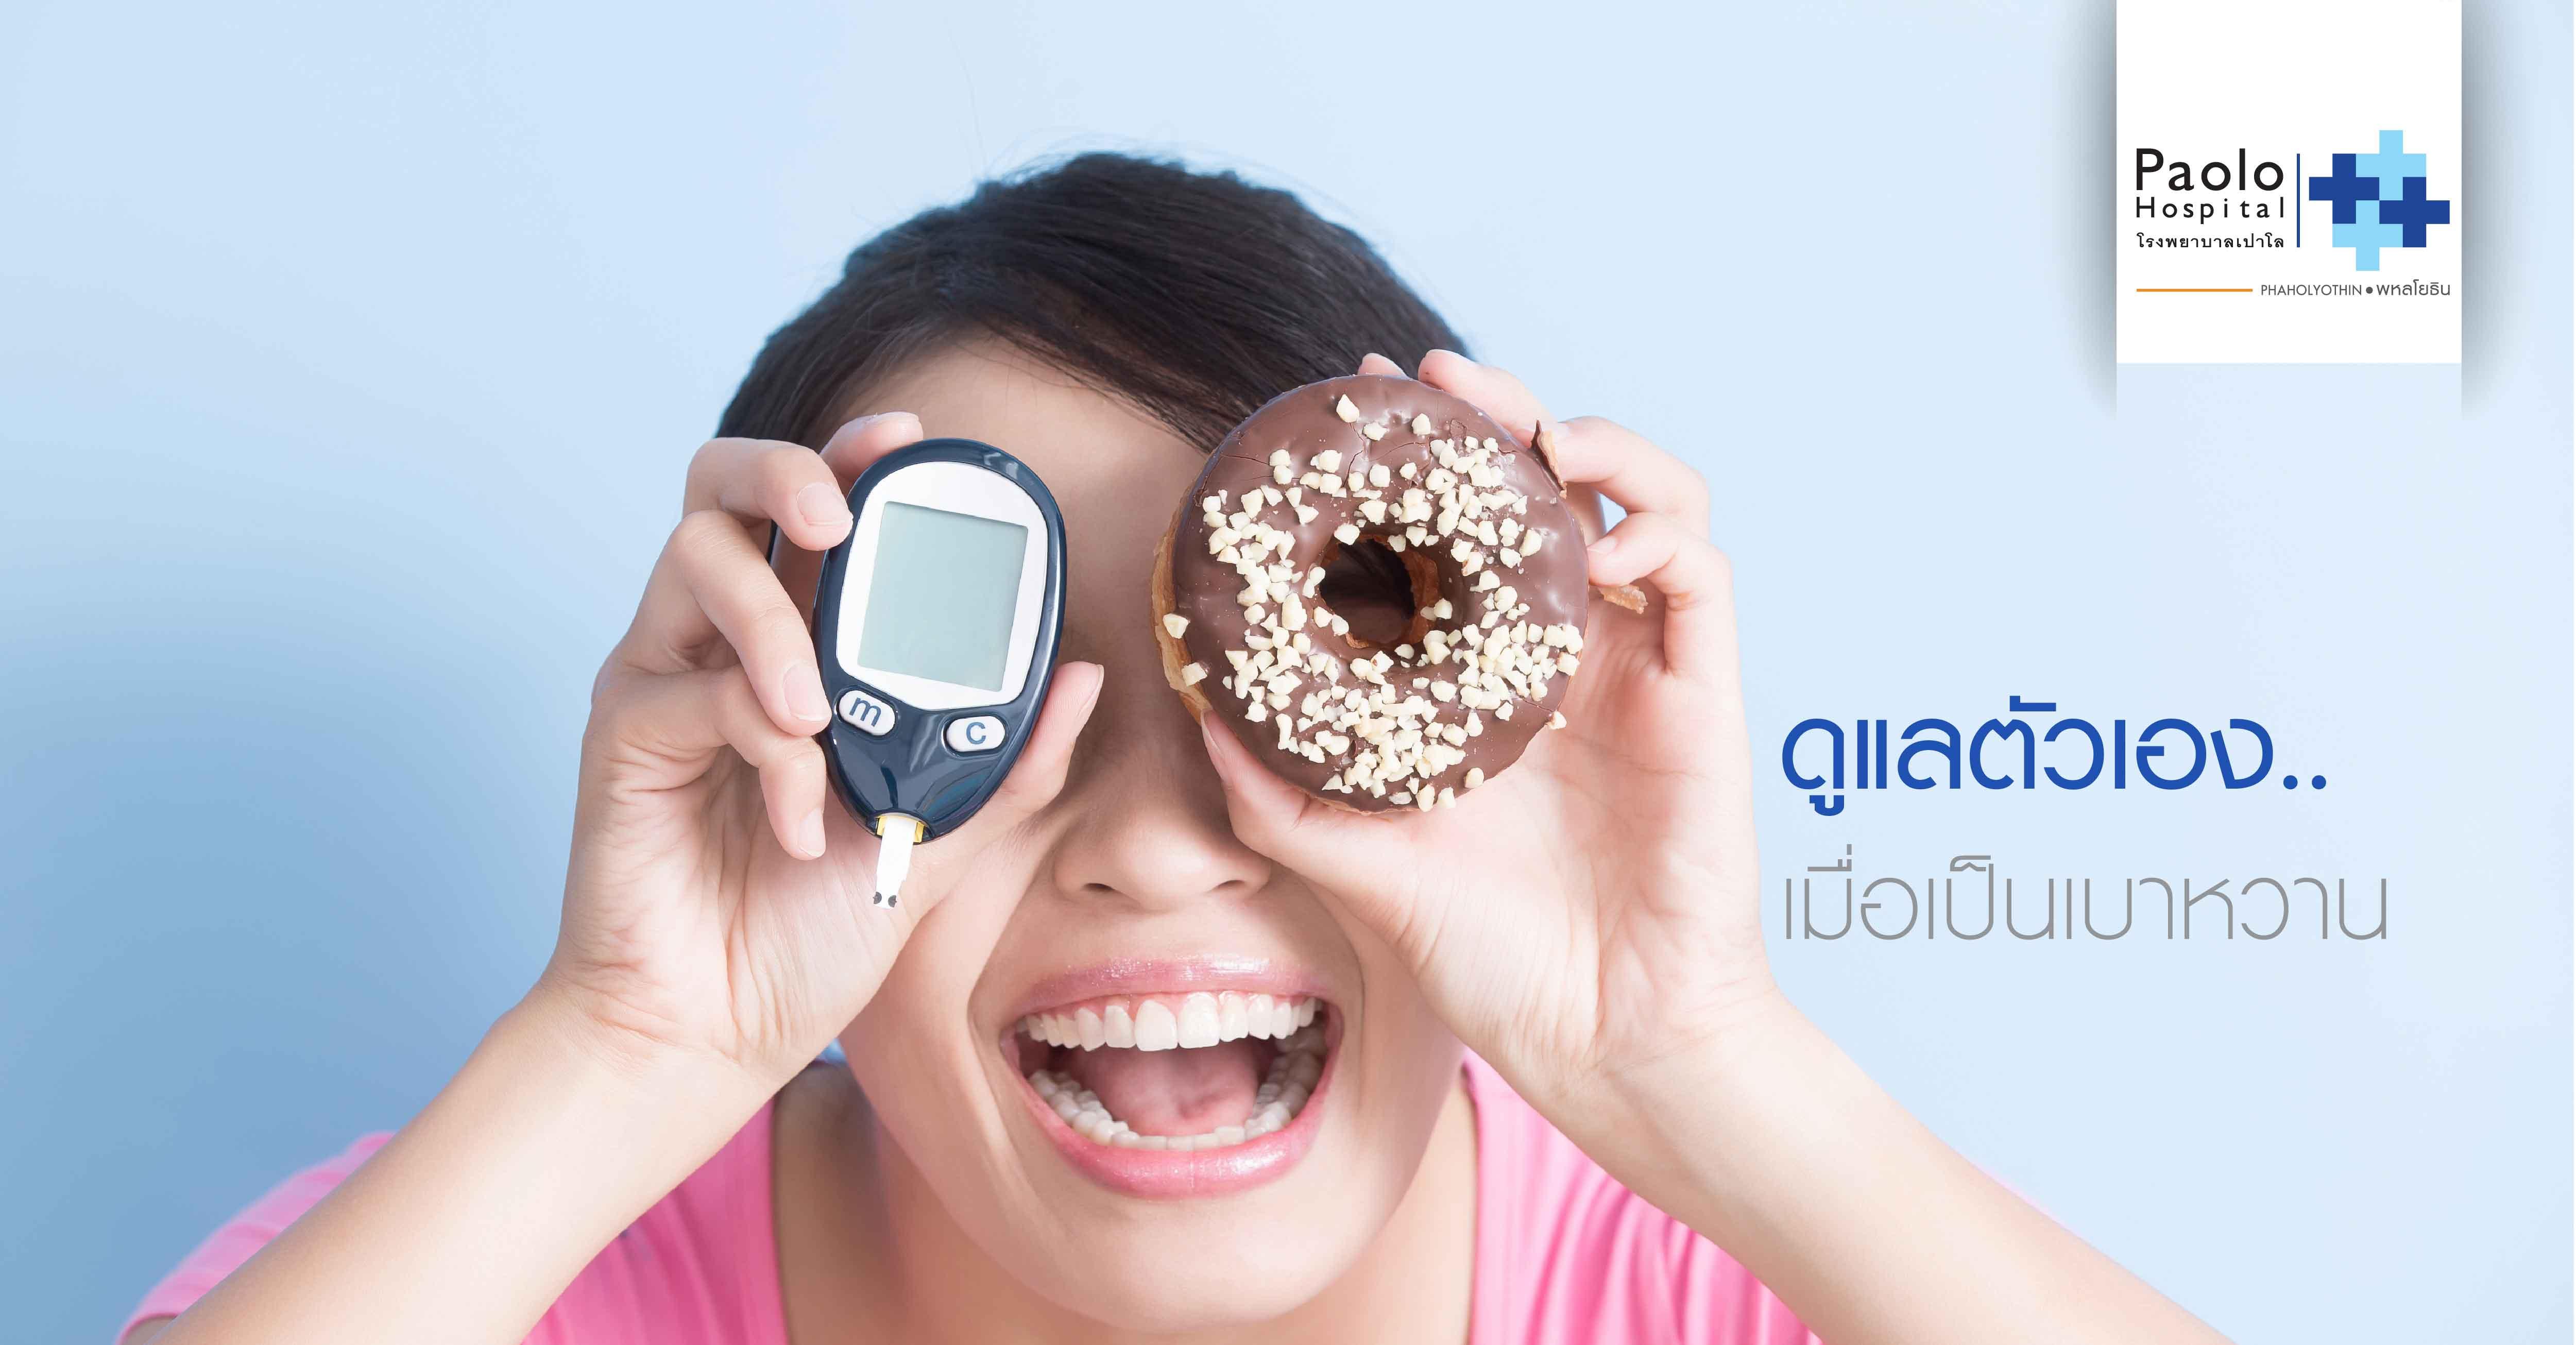 ดูแลตัวเอง เมื่อเป็นเบาหวาน